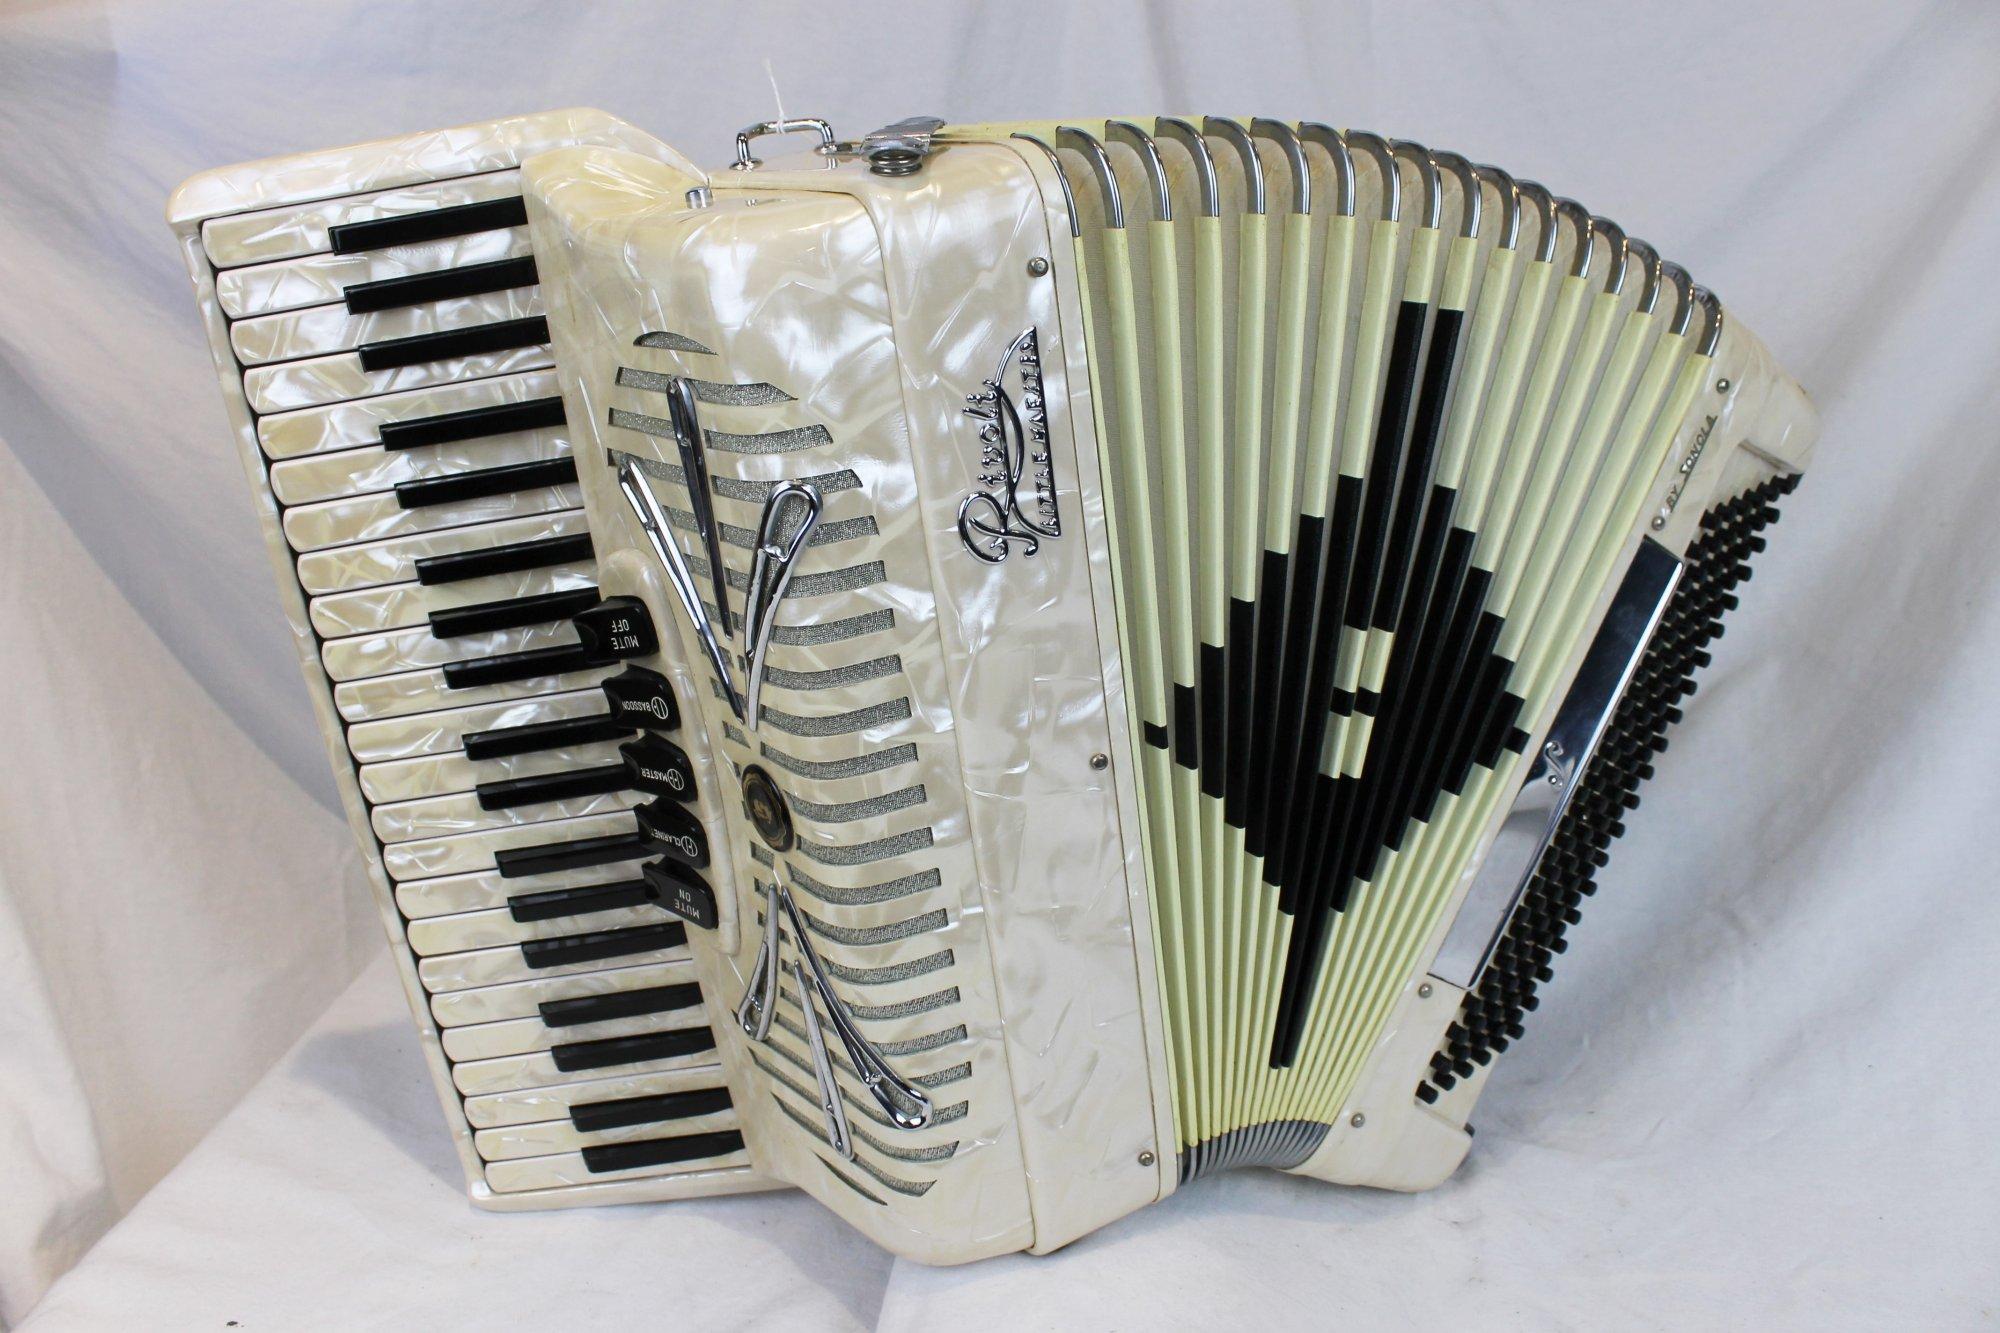 4208 - Ivory Sonola Rivoli Little Maestro Piano Accordion LM 41 120